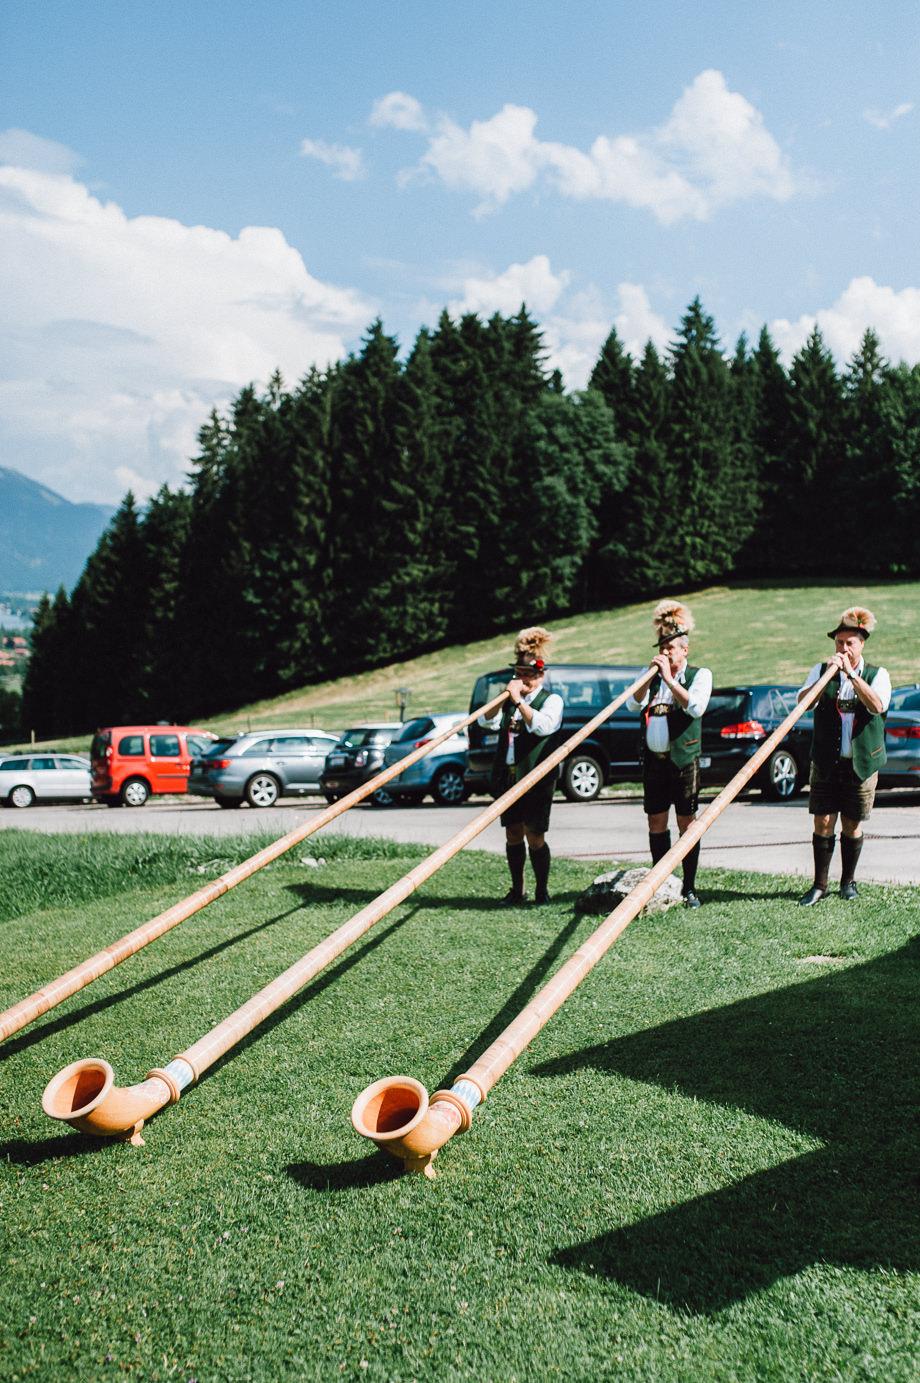 Hochzeit_Tegernsee_Lauraelenaphotography_Lake_Wedding_Freihaus_Brenner_Mountainwedding_Sommerhochzeit_NewYork_Seeblick_089